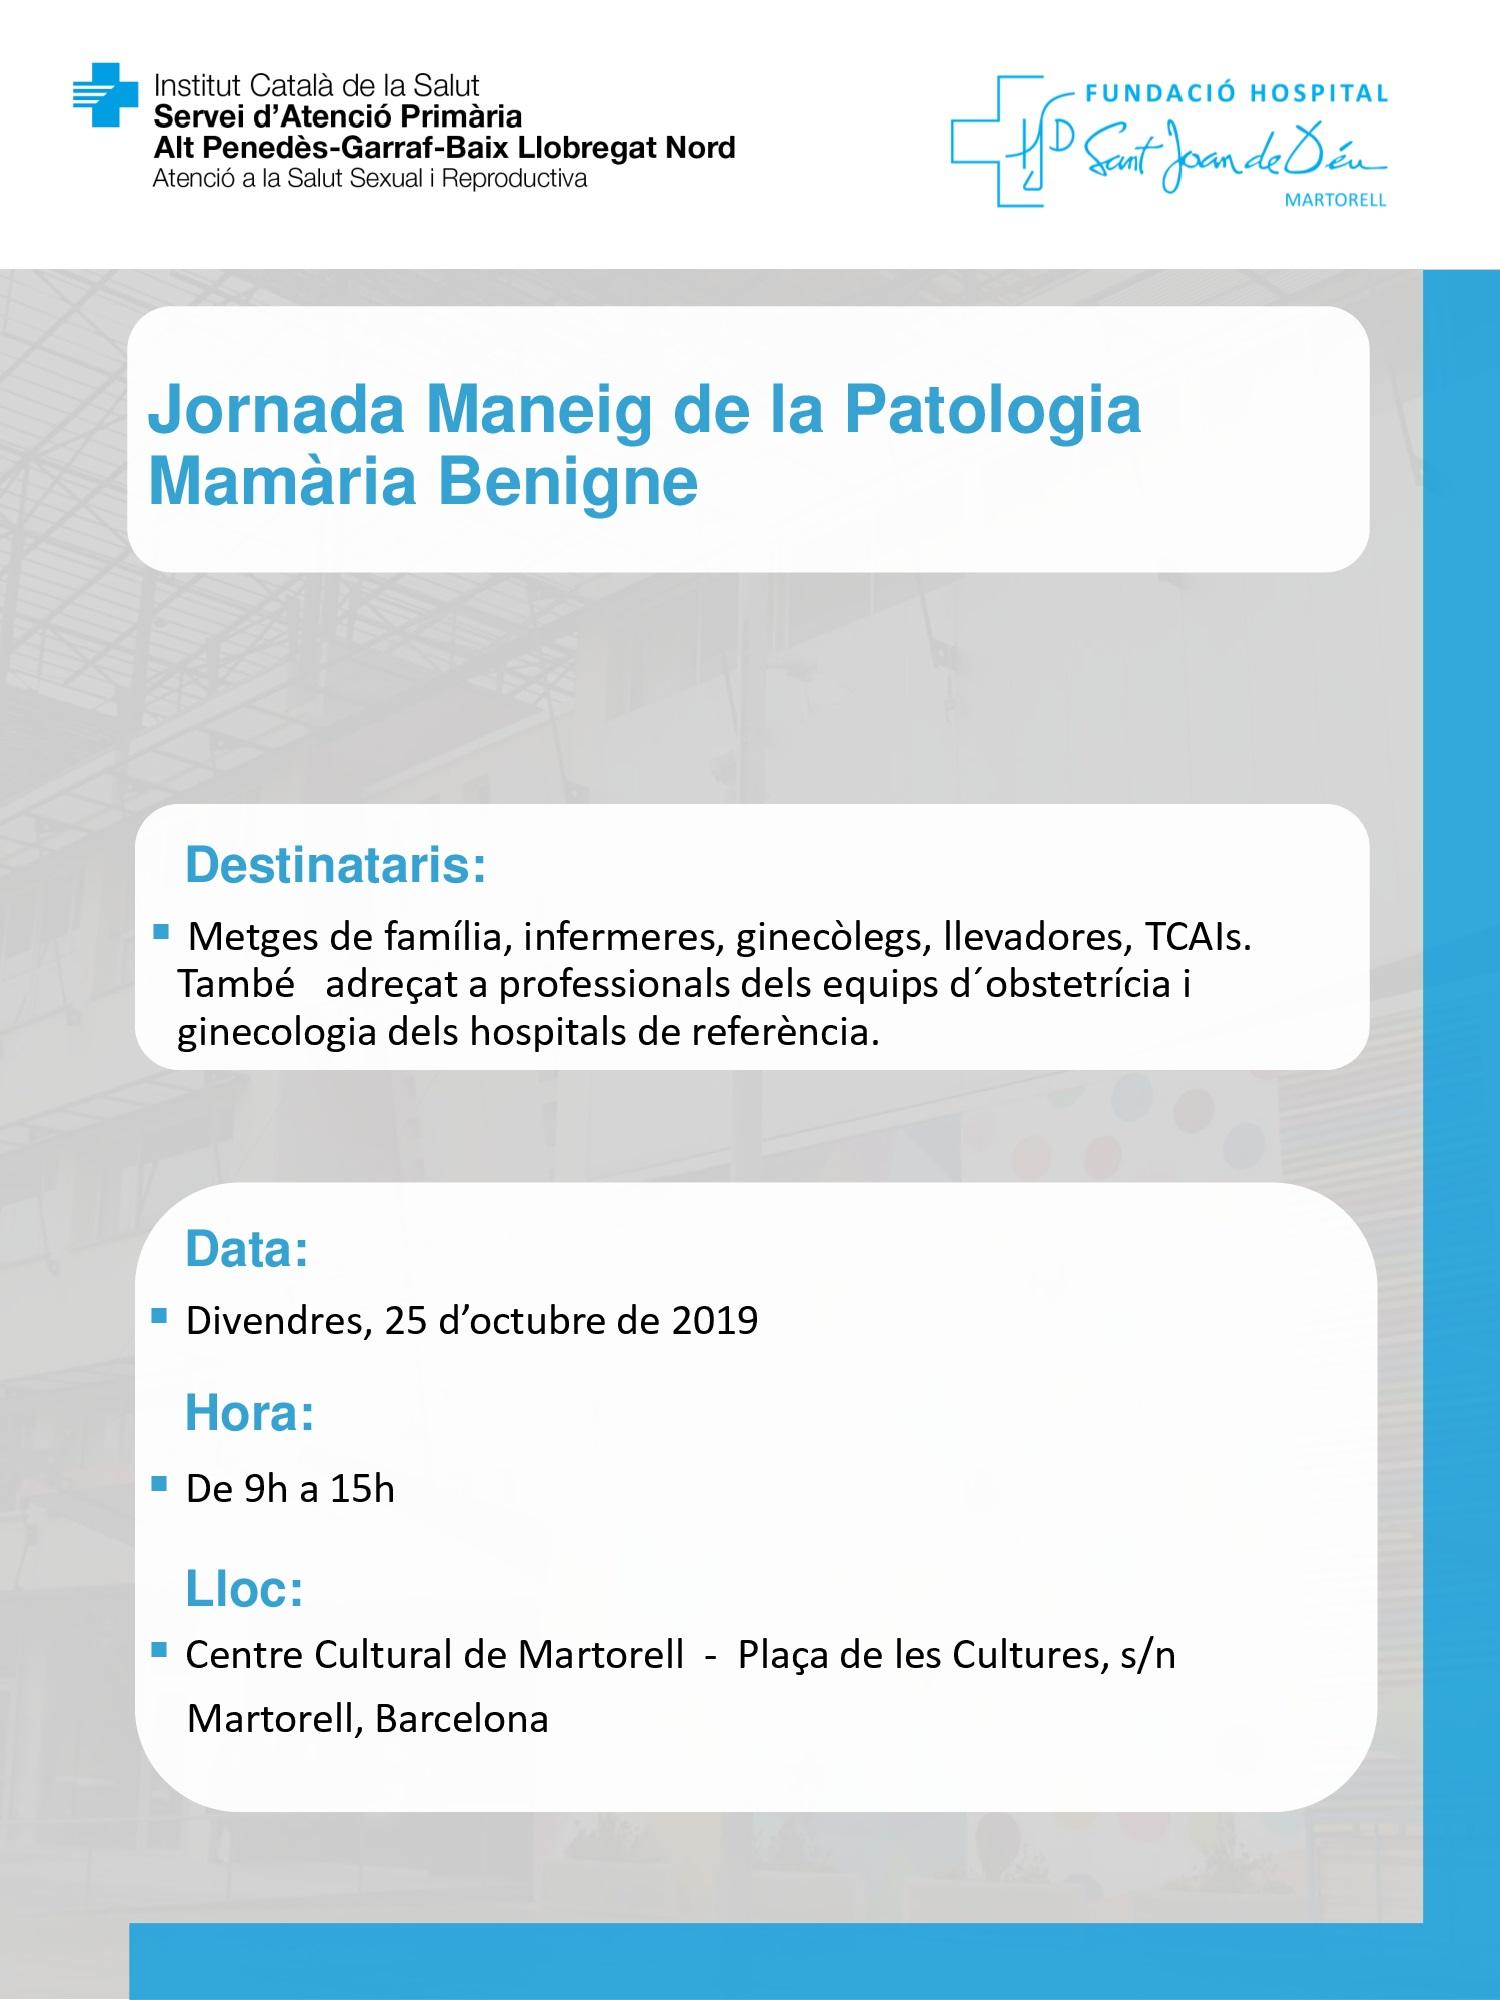 Jornada Maneig Patologia Mamària Benigne